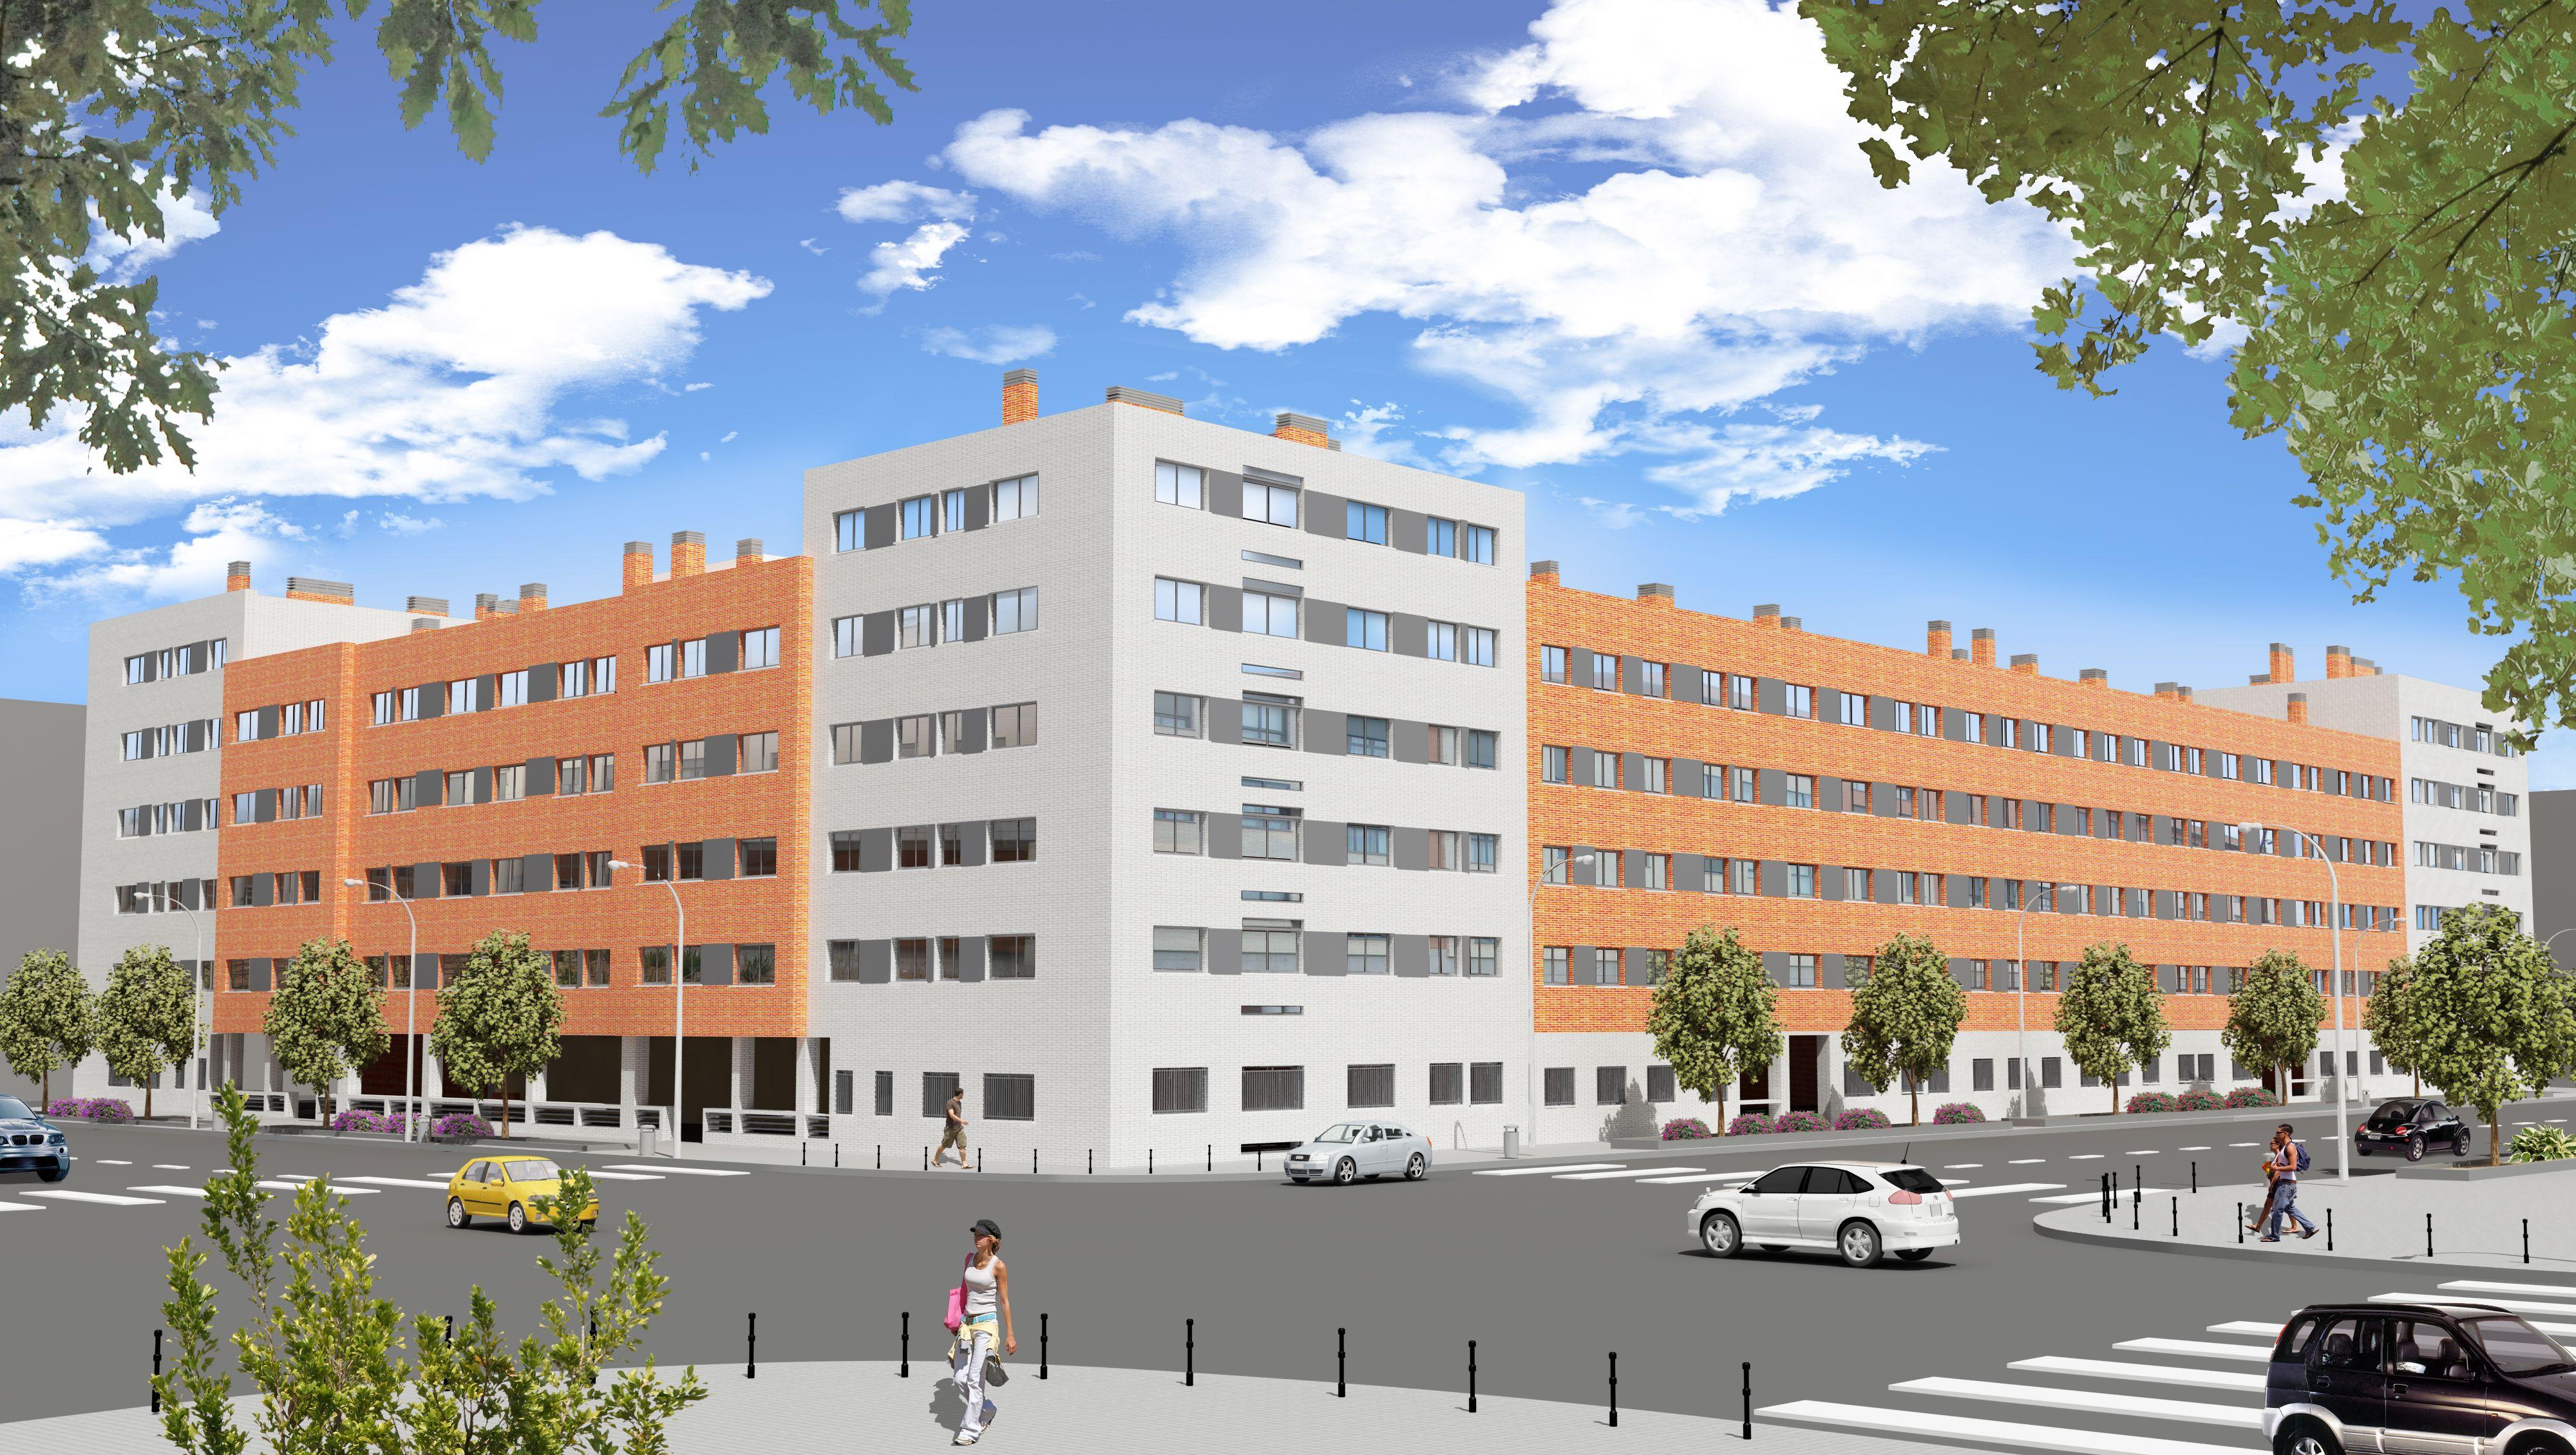 157 viviendas en Getafe, Los Molinos, Madrid